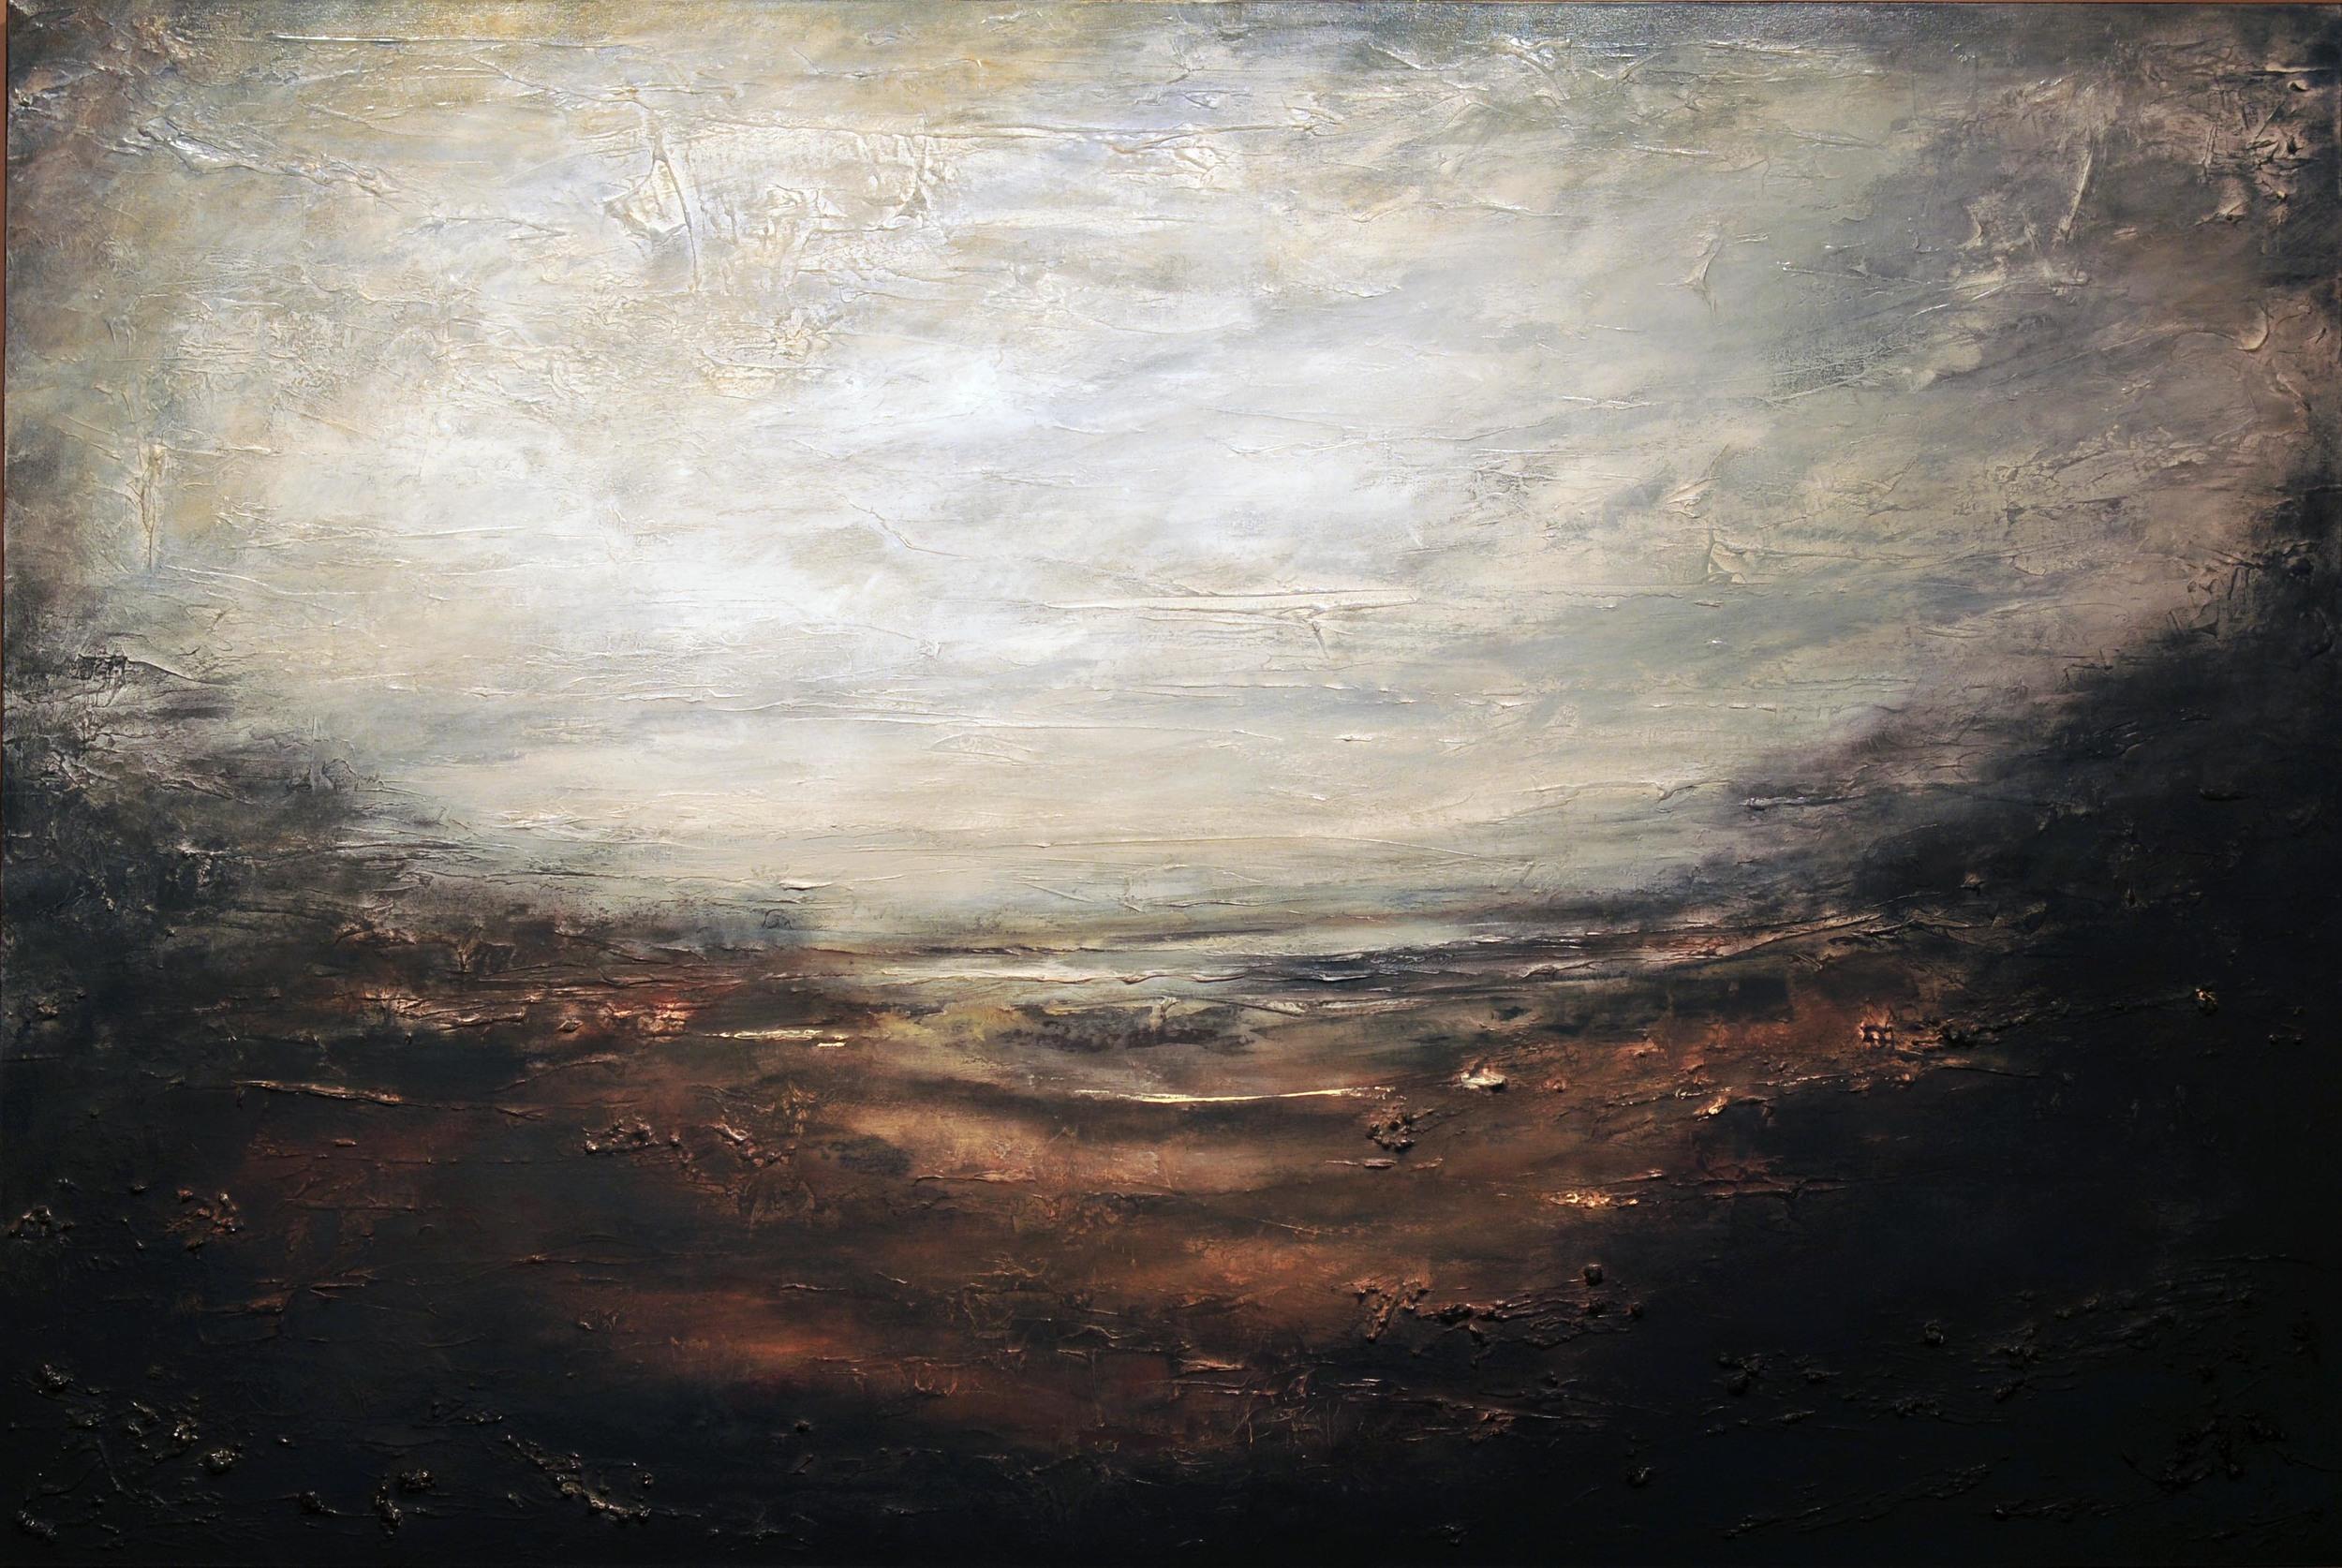 Gleneden Beach Series